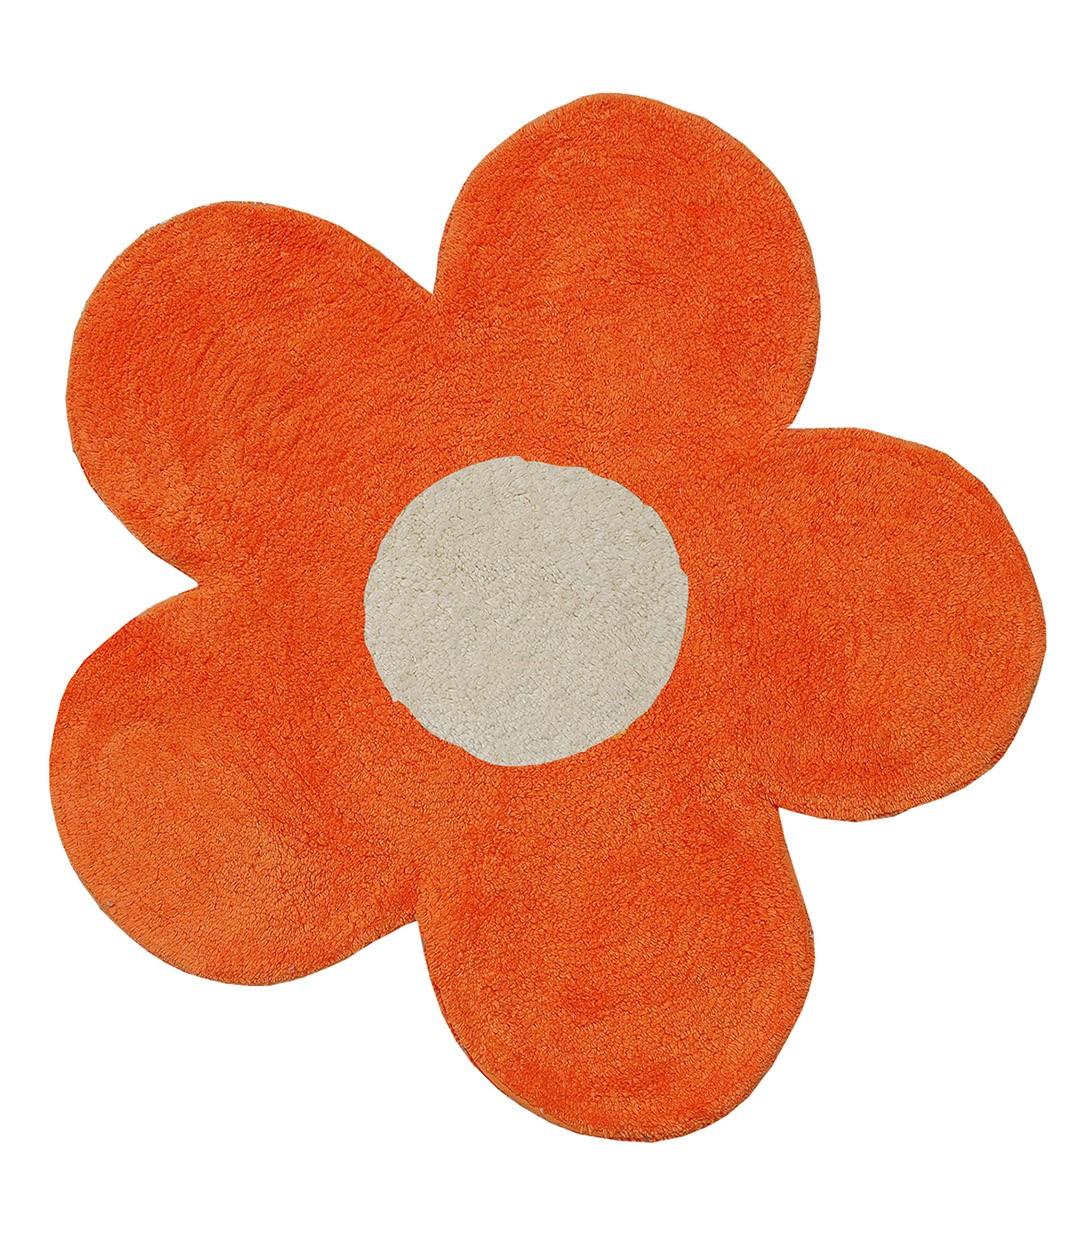 Πατάκι Μπάνιου San Lorentzo DBL Face Daisy Orange/Ecru